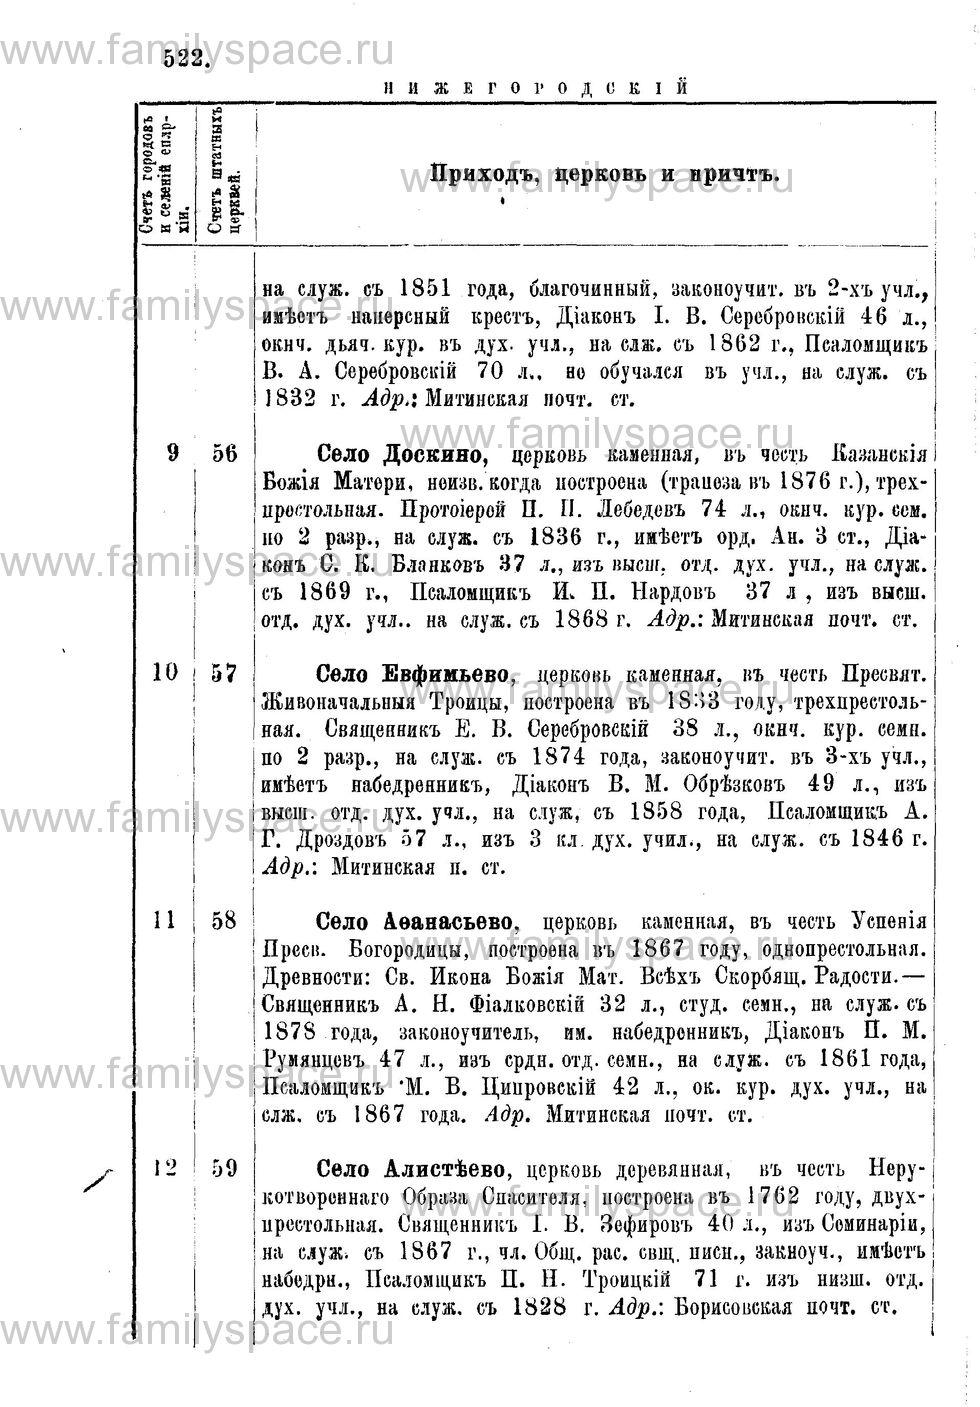 Поиск по фамилии - Адрес-календарь Нижегородской епархии на 1888 год, страница 1522